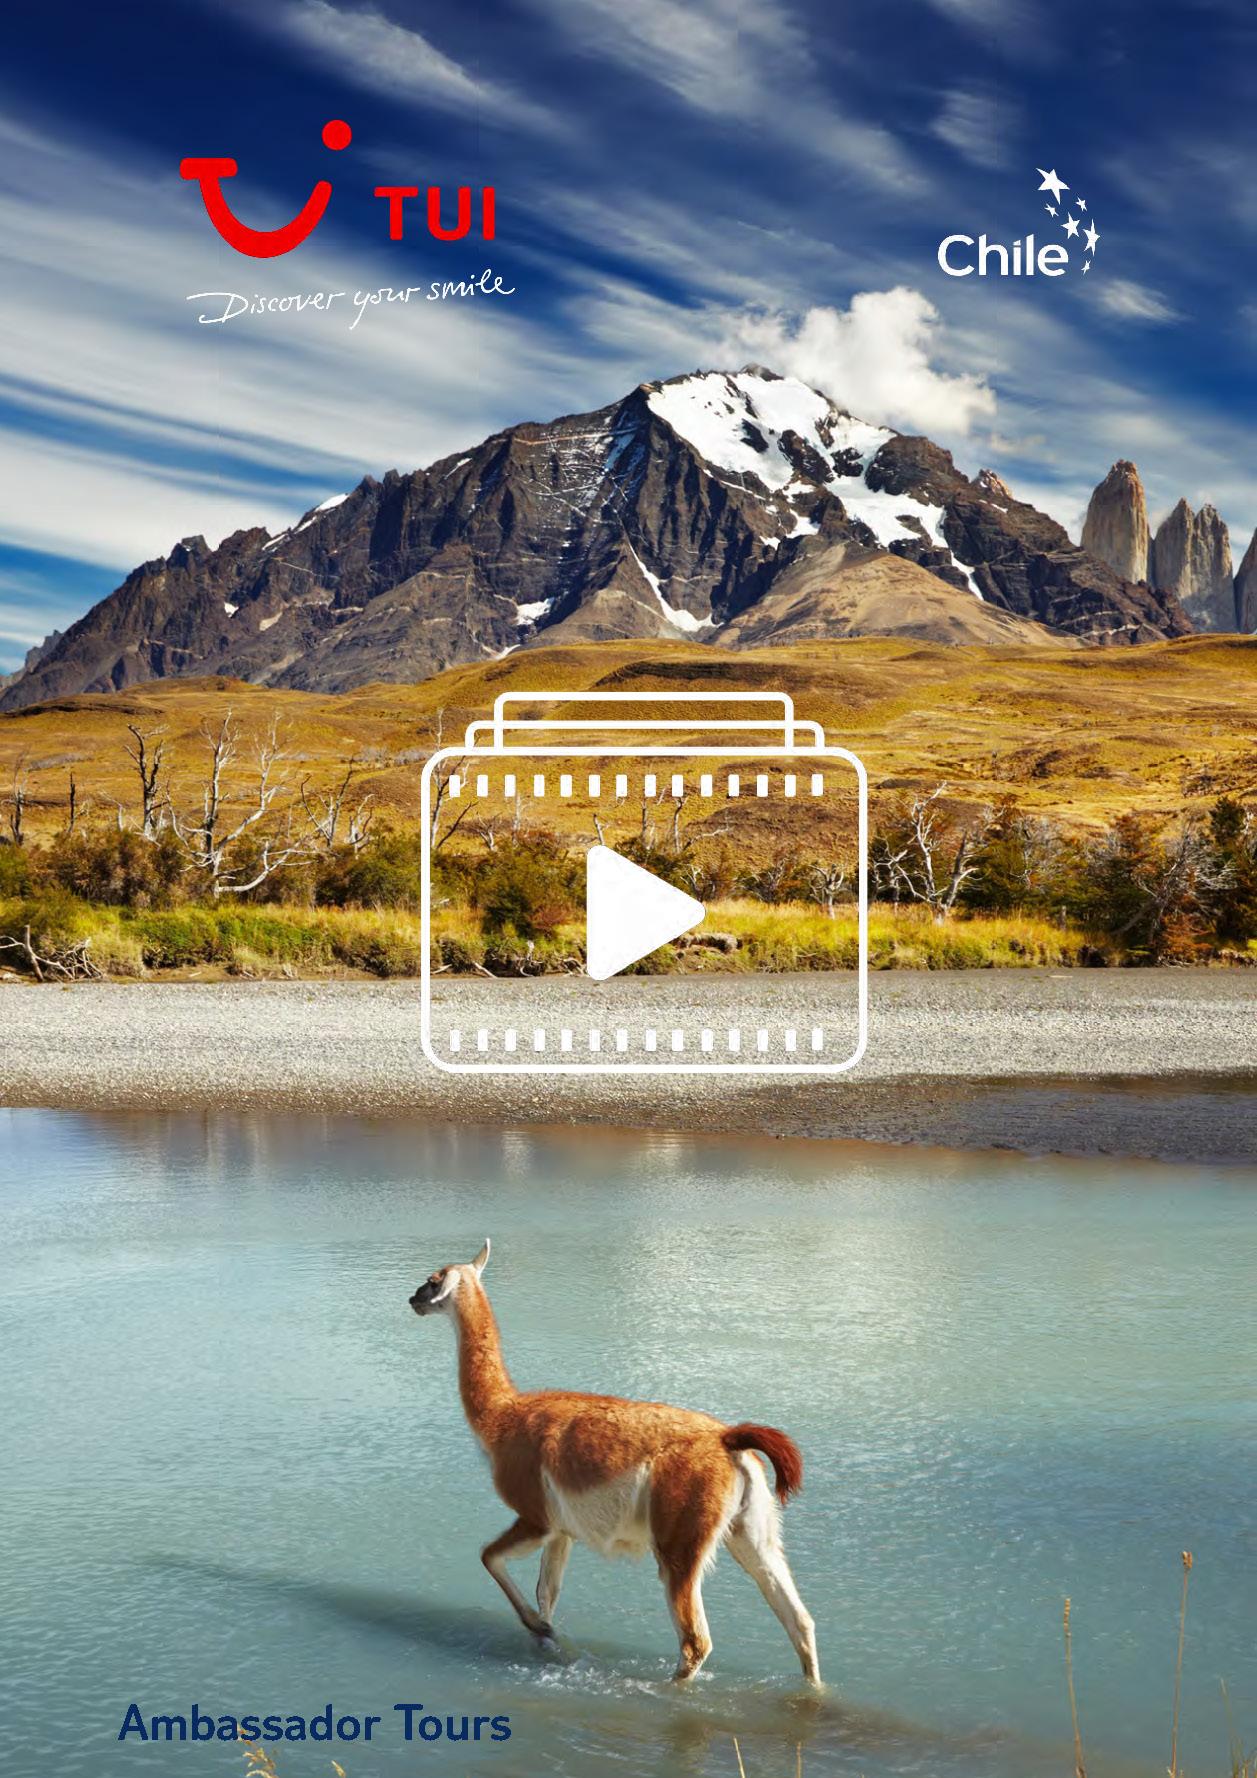 Video TUI Chile 5